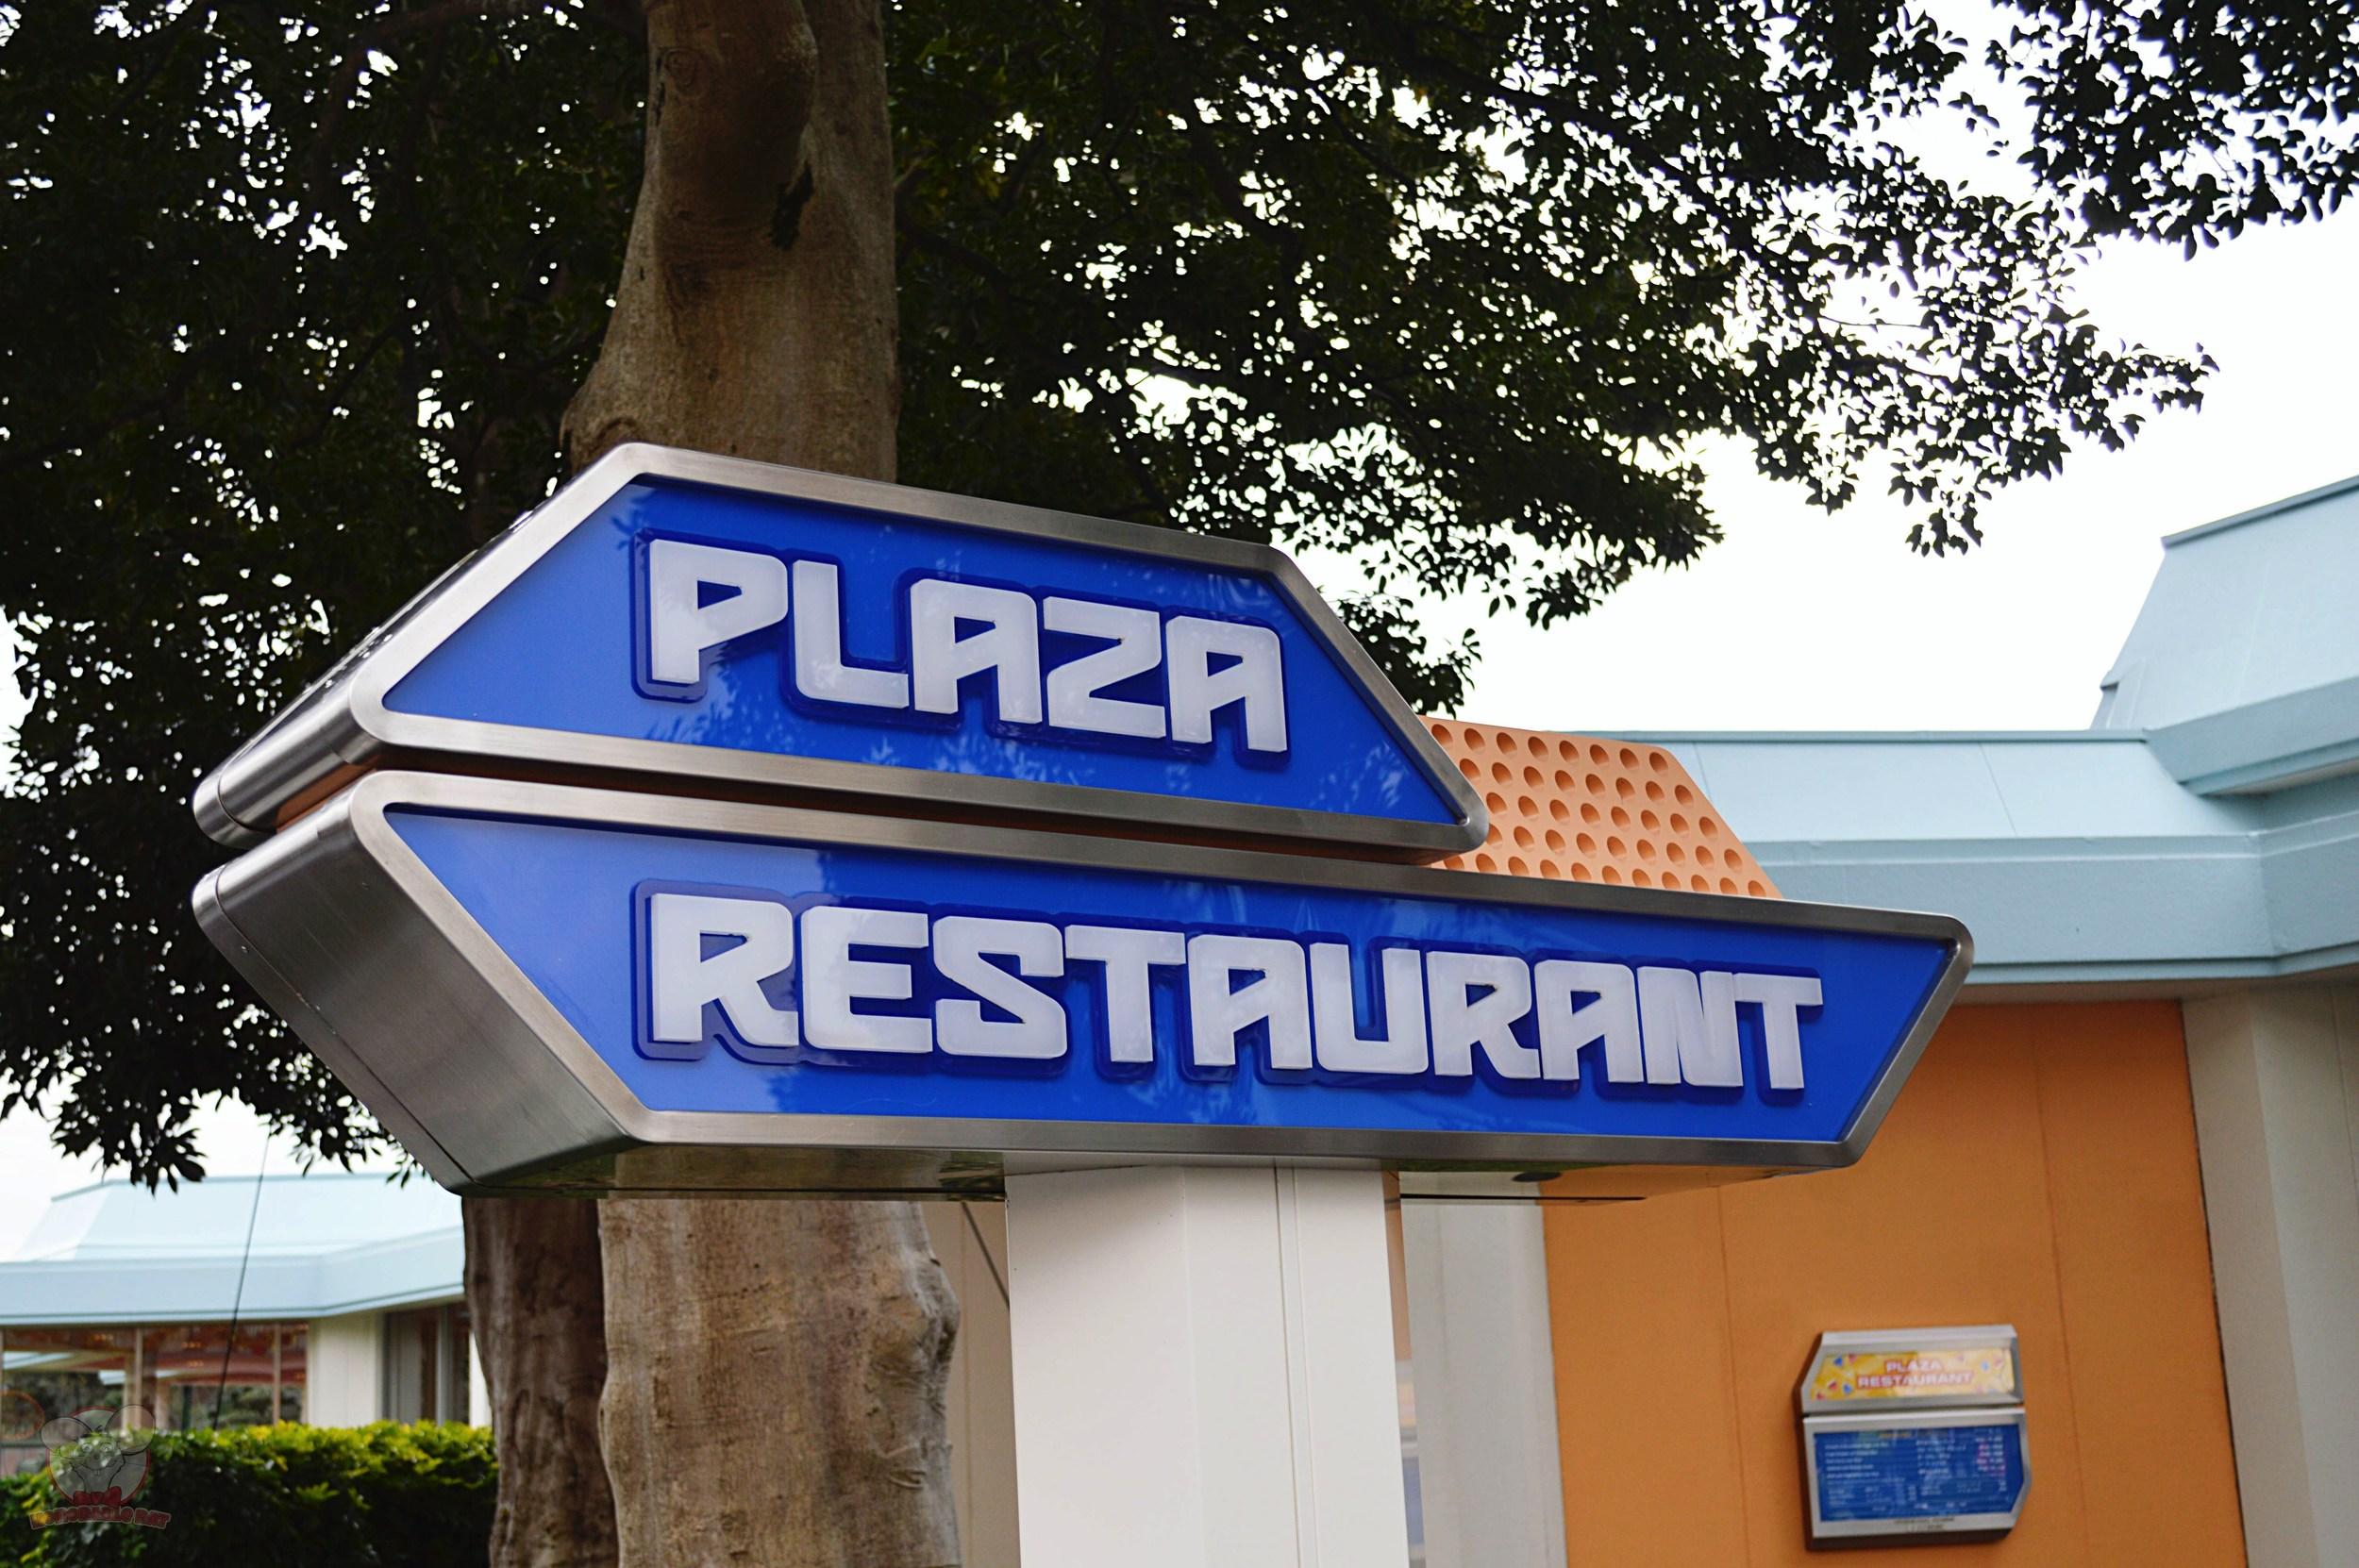 Plaza Restaurant Signage